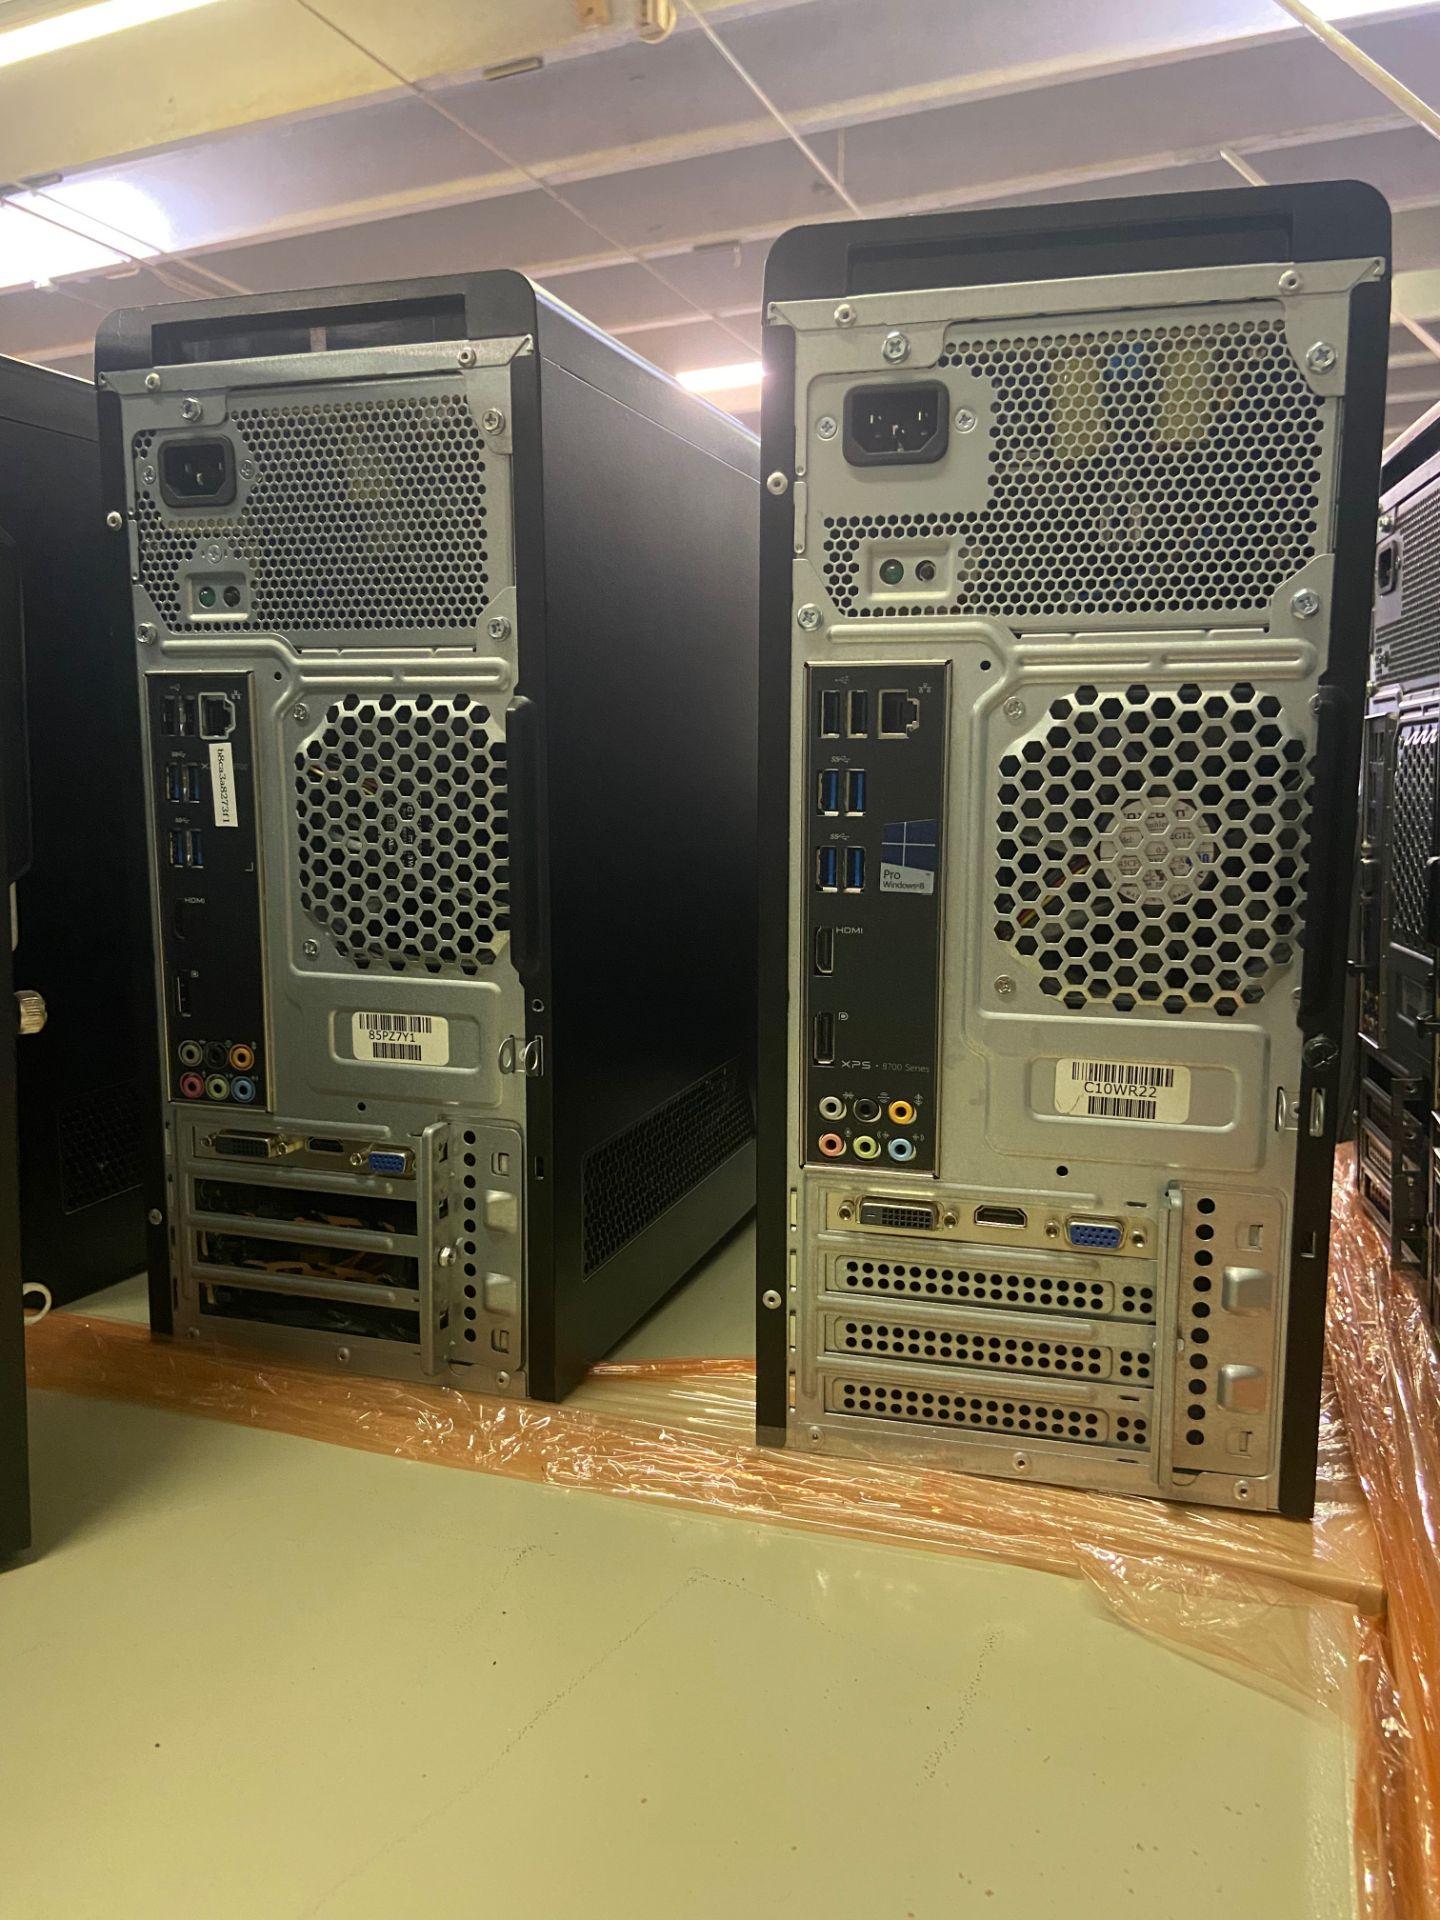 Dell XPS Desktop Computers, Total Qty 4, Qty 3 Intel i5 Processor, Qty 1 Intel i7 Processor, - Image 2 of 3